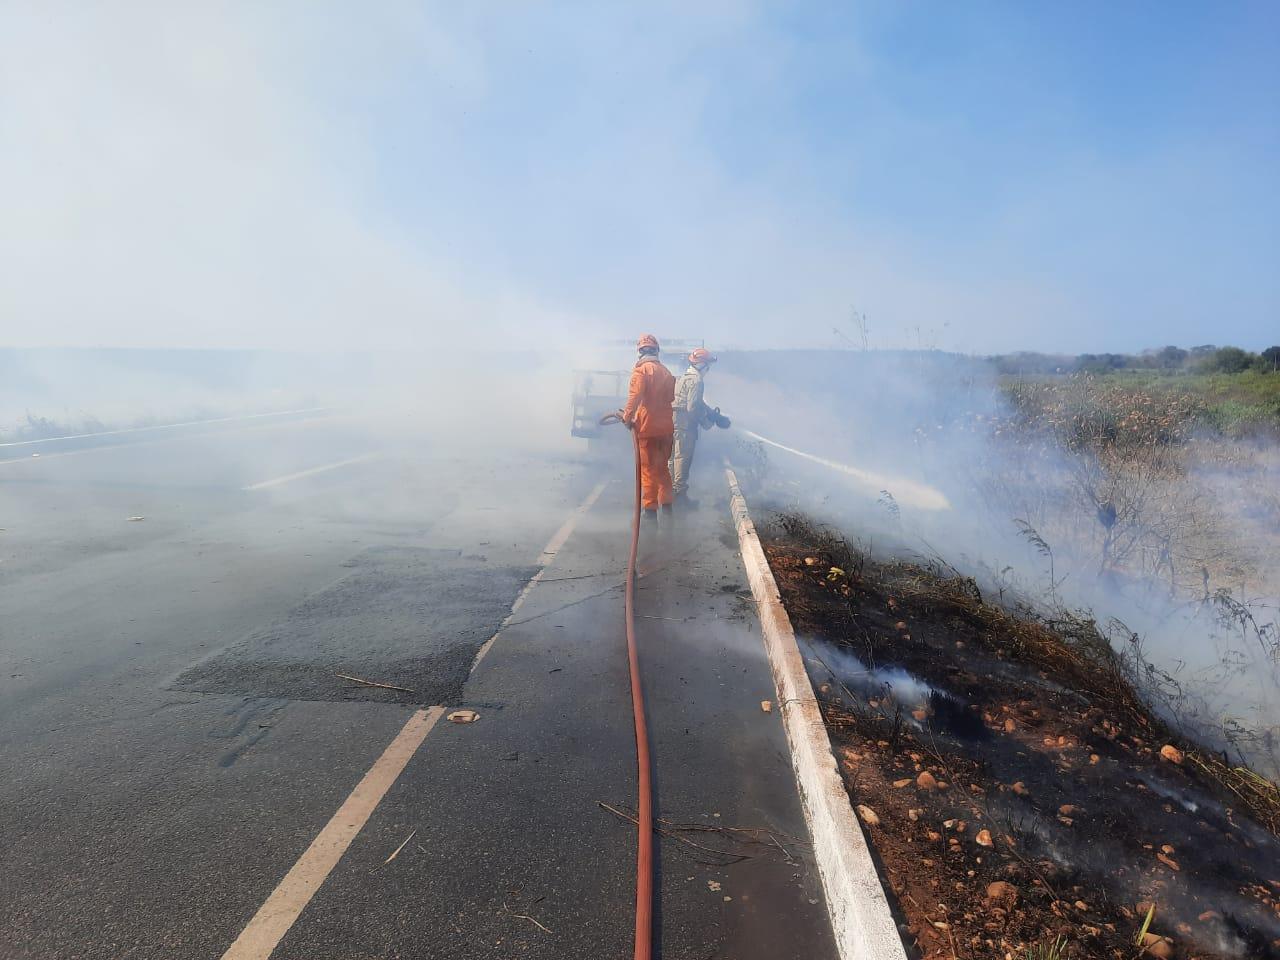 Corpo de Bombeiros debela incêndio em veículo na CE 85 em Paraipaba